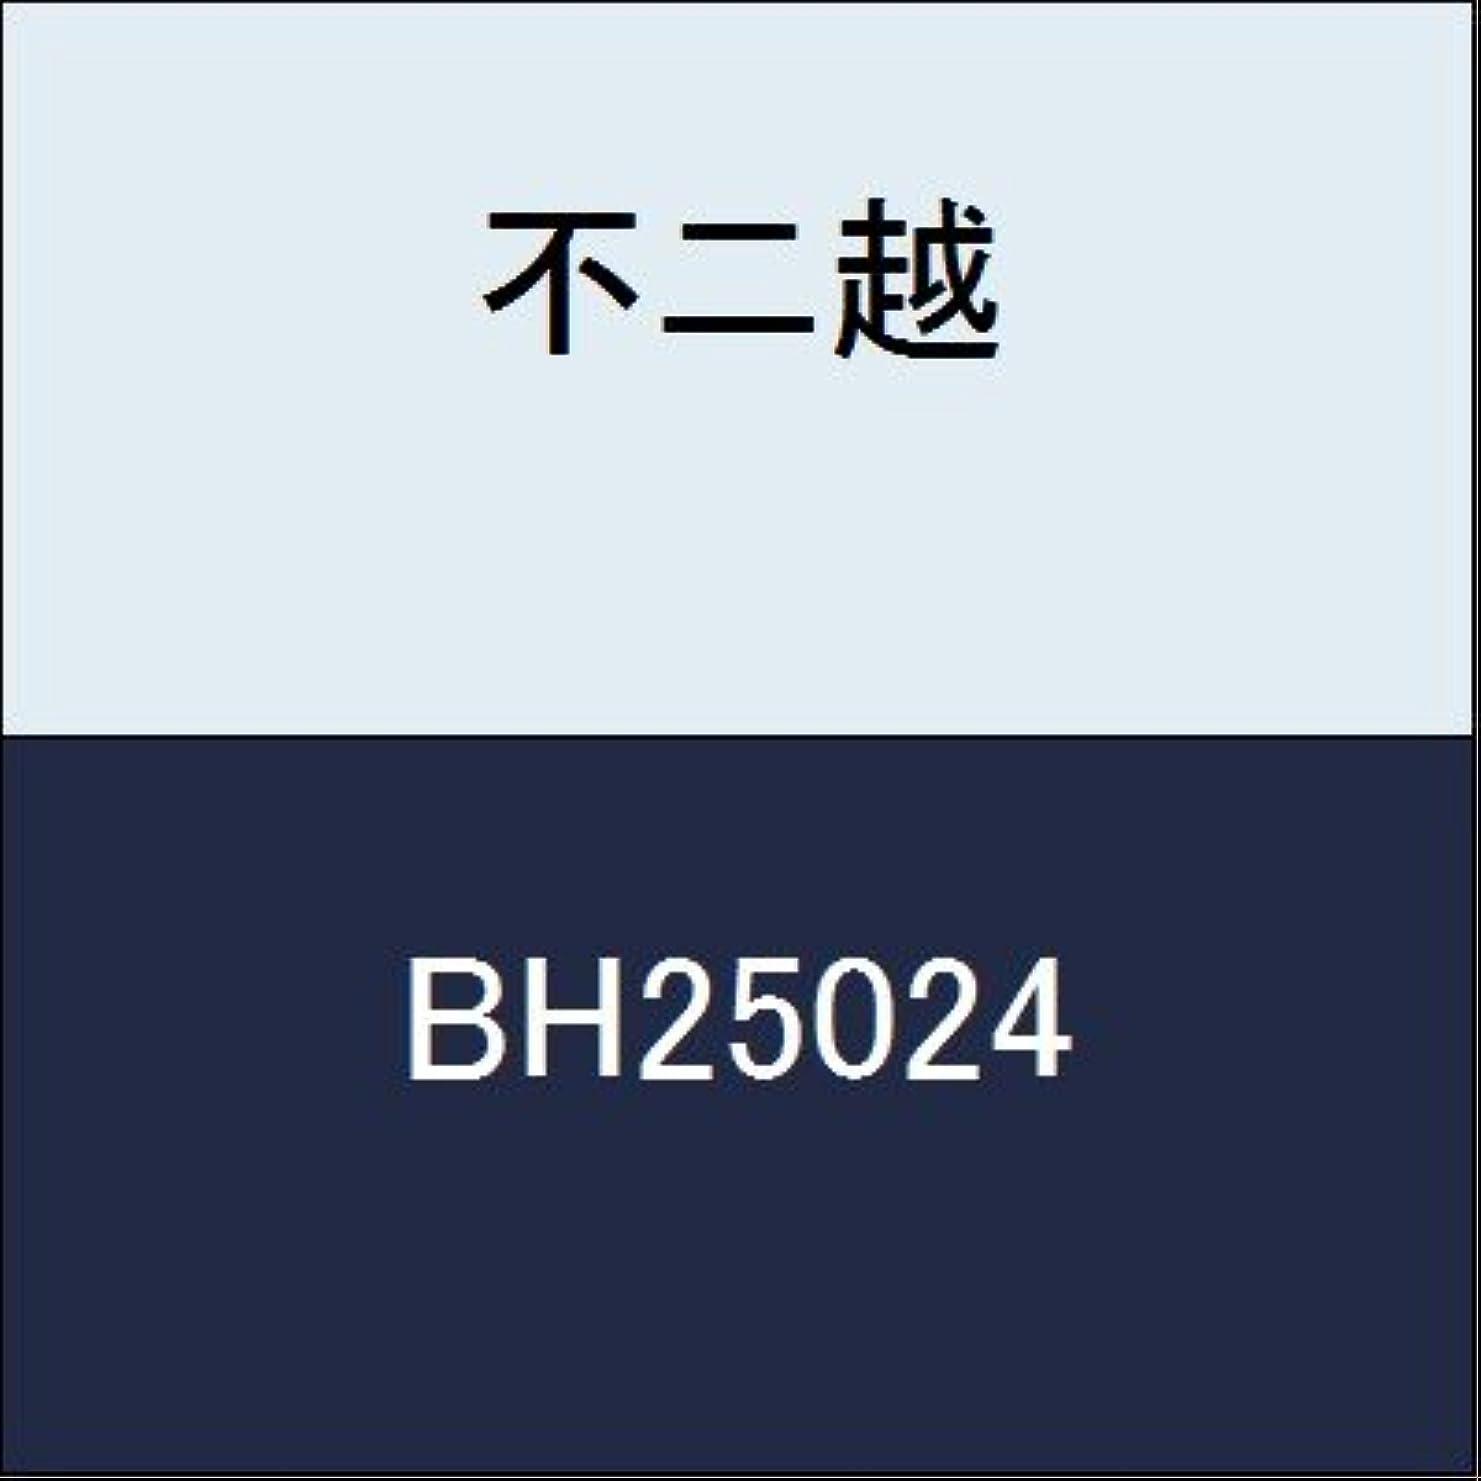 喜び散歩忙しい不二越 切削工具 ハンドソー BH25024